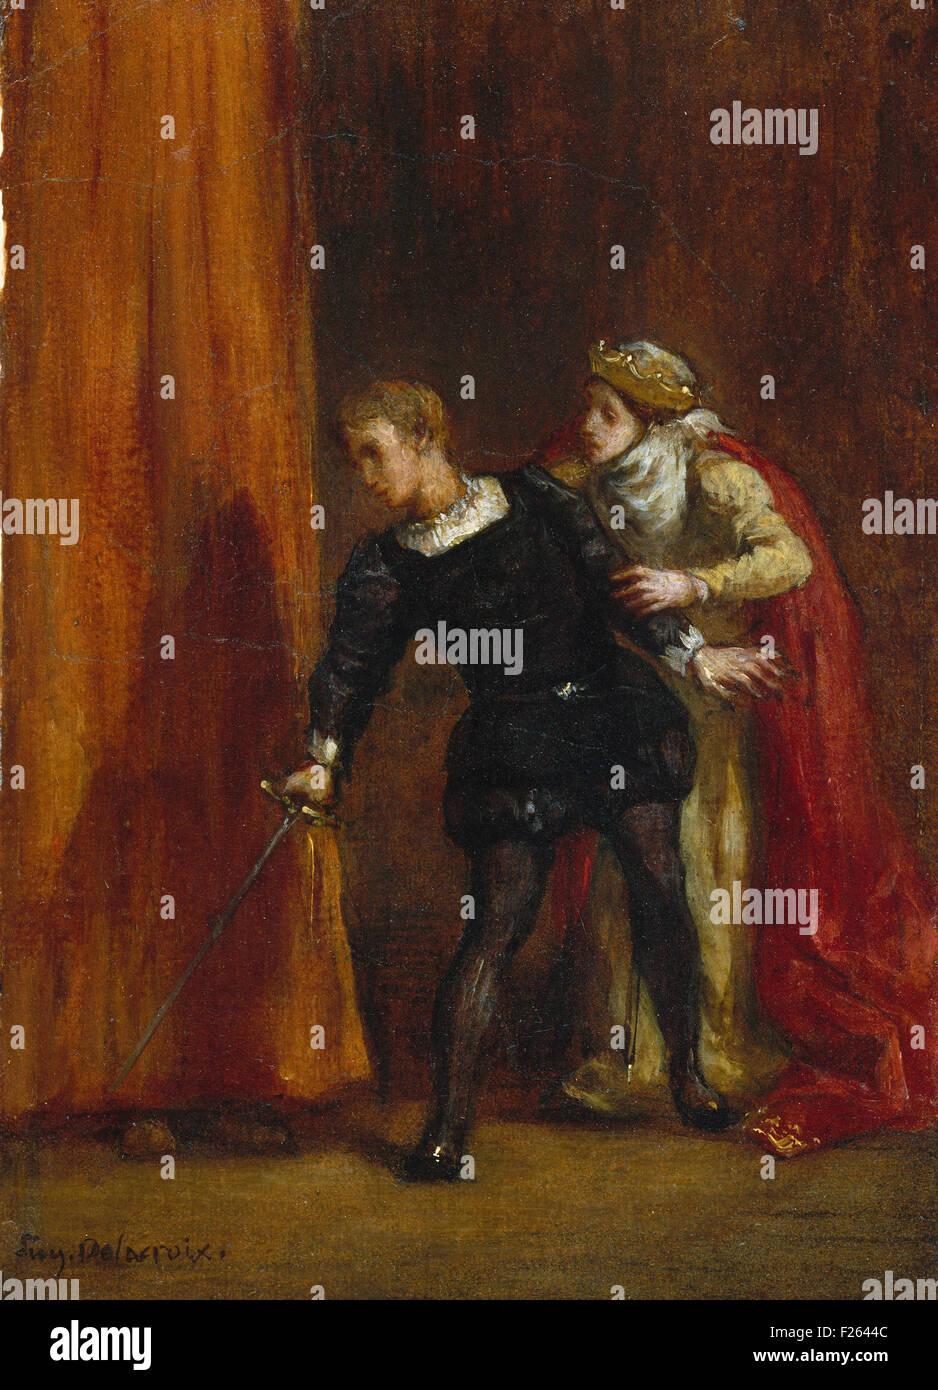 Eugène Delacroix - Hamlet and his Mother Stock Photo